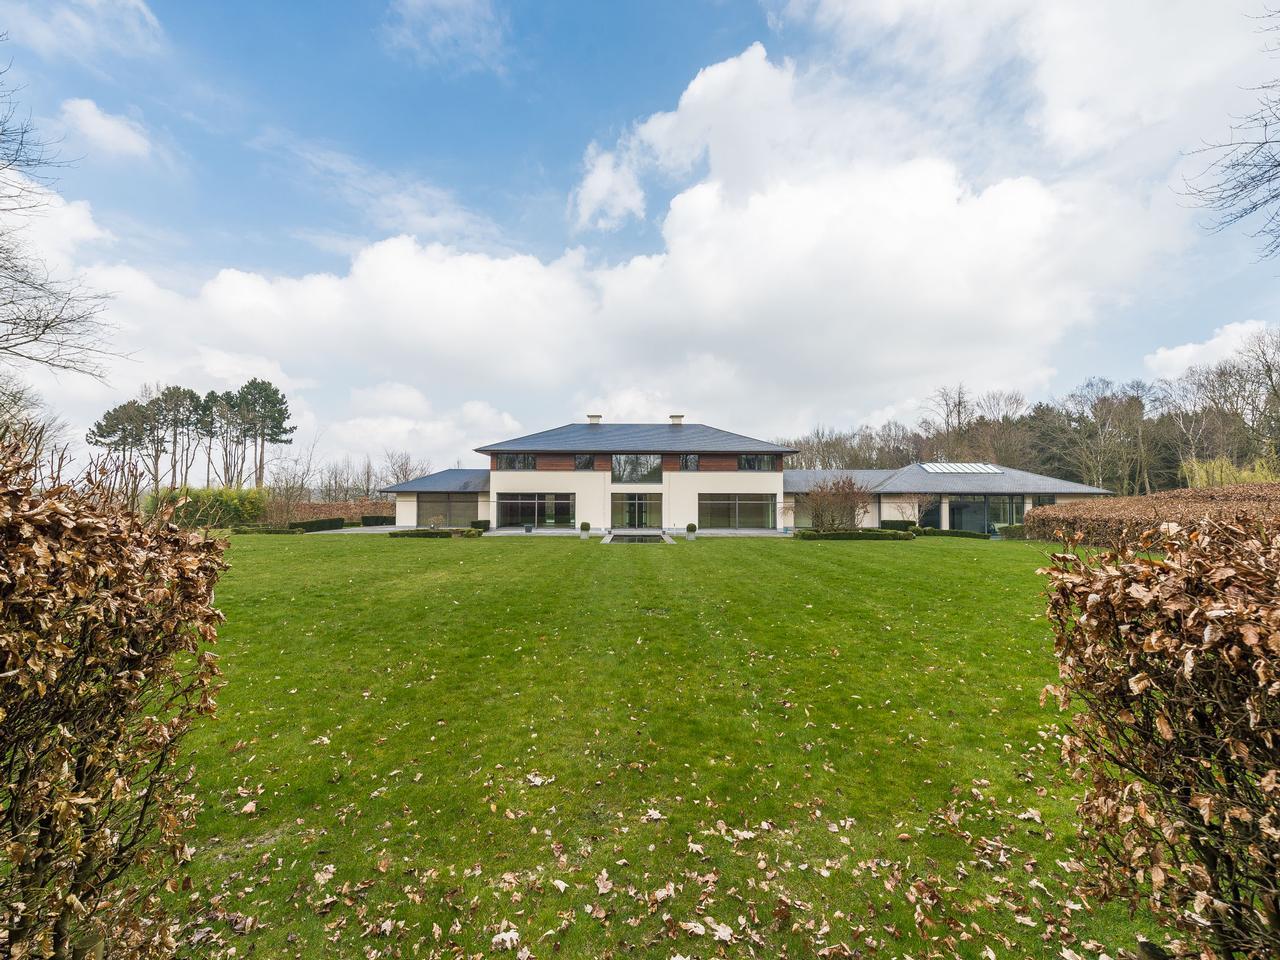 其它住宅 为 销售 在 Lasne I Royal Waterloo Golf Club 拉恩, 瓦隆-布拉班特, 1380 比利时